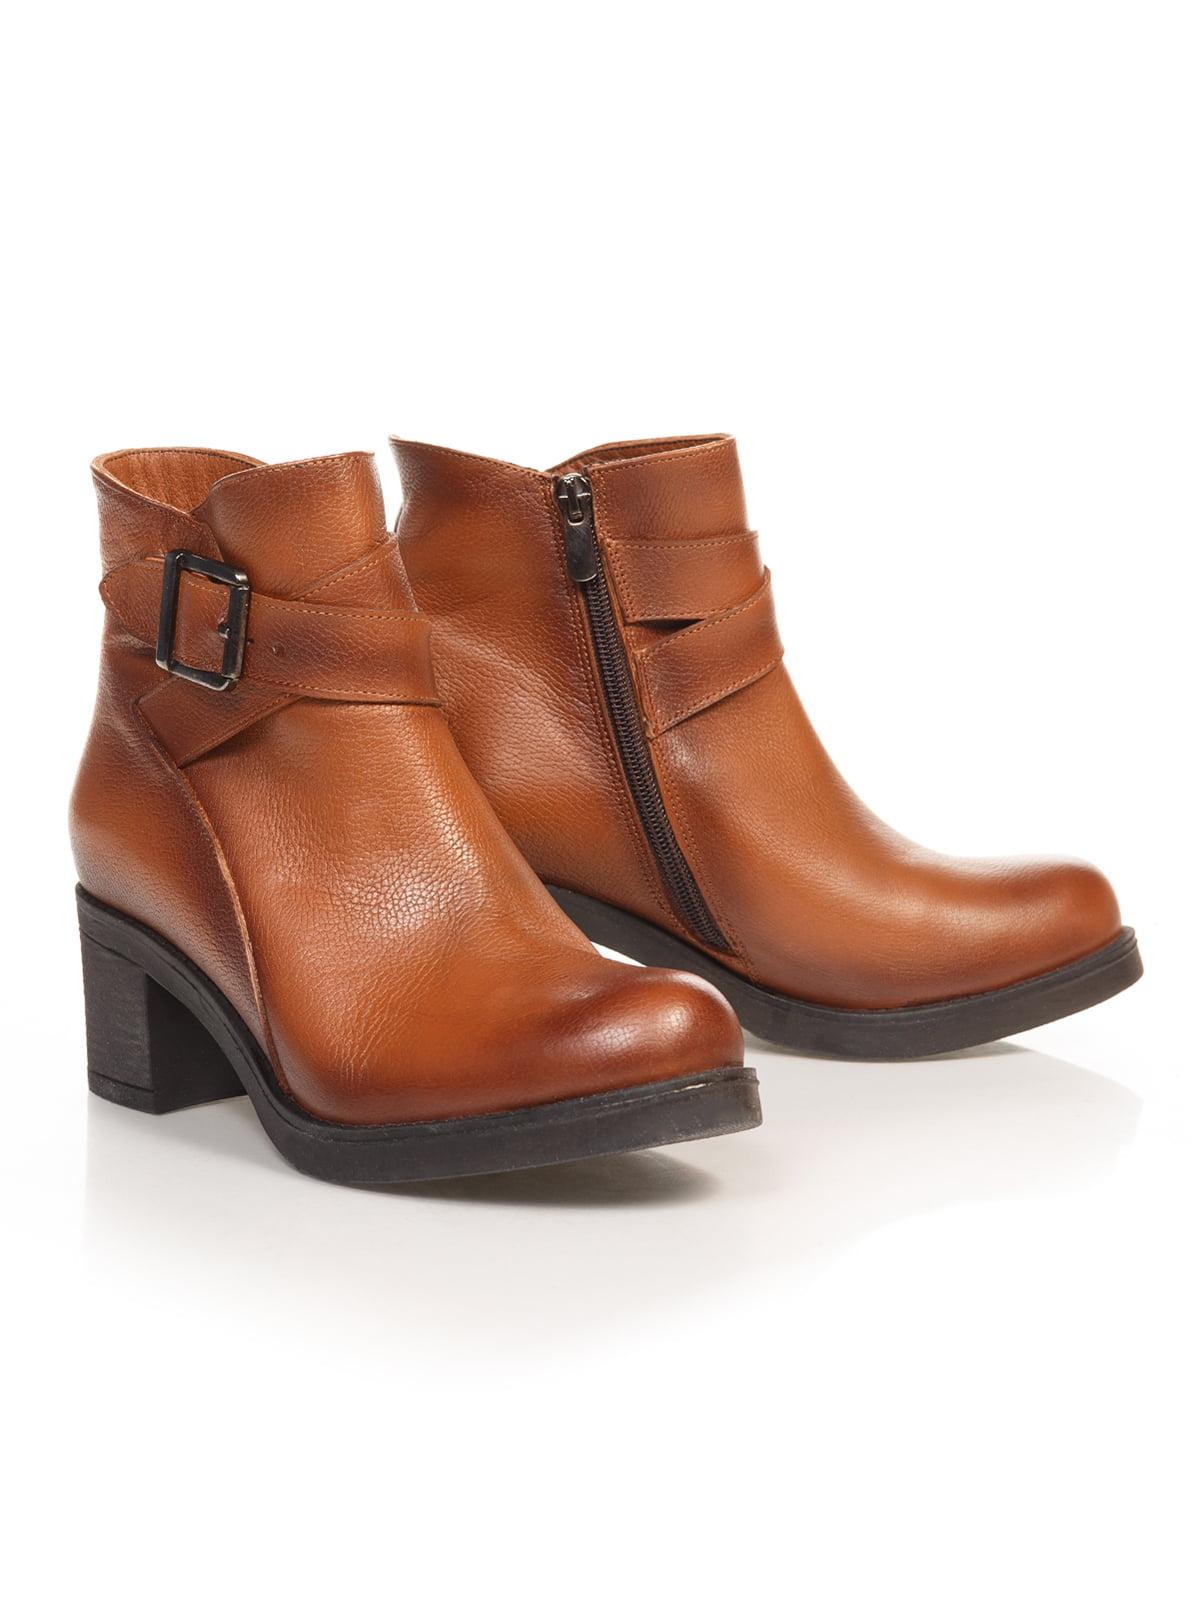 Ботинки коричневые | 4771467 | фото 2